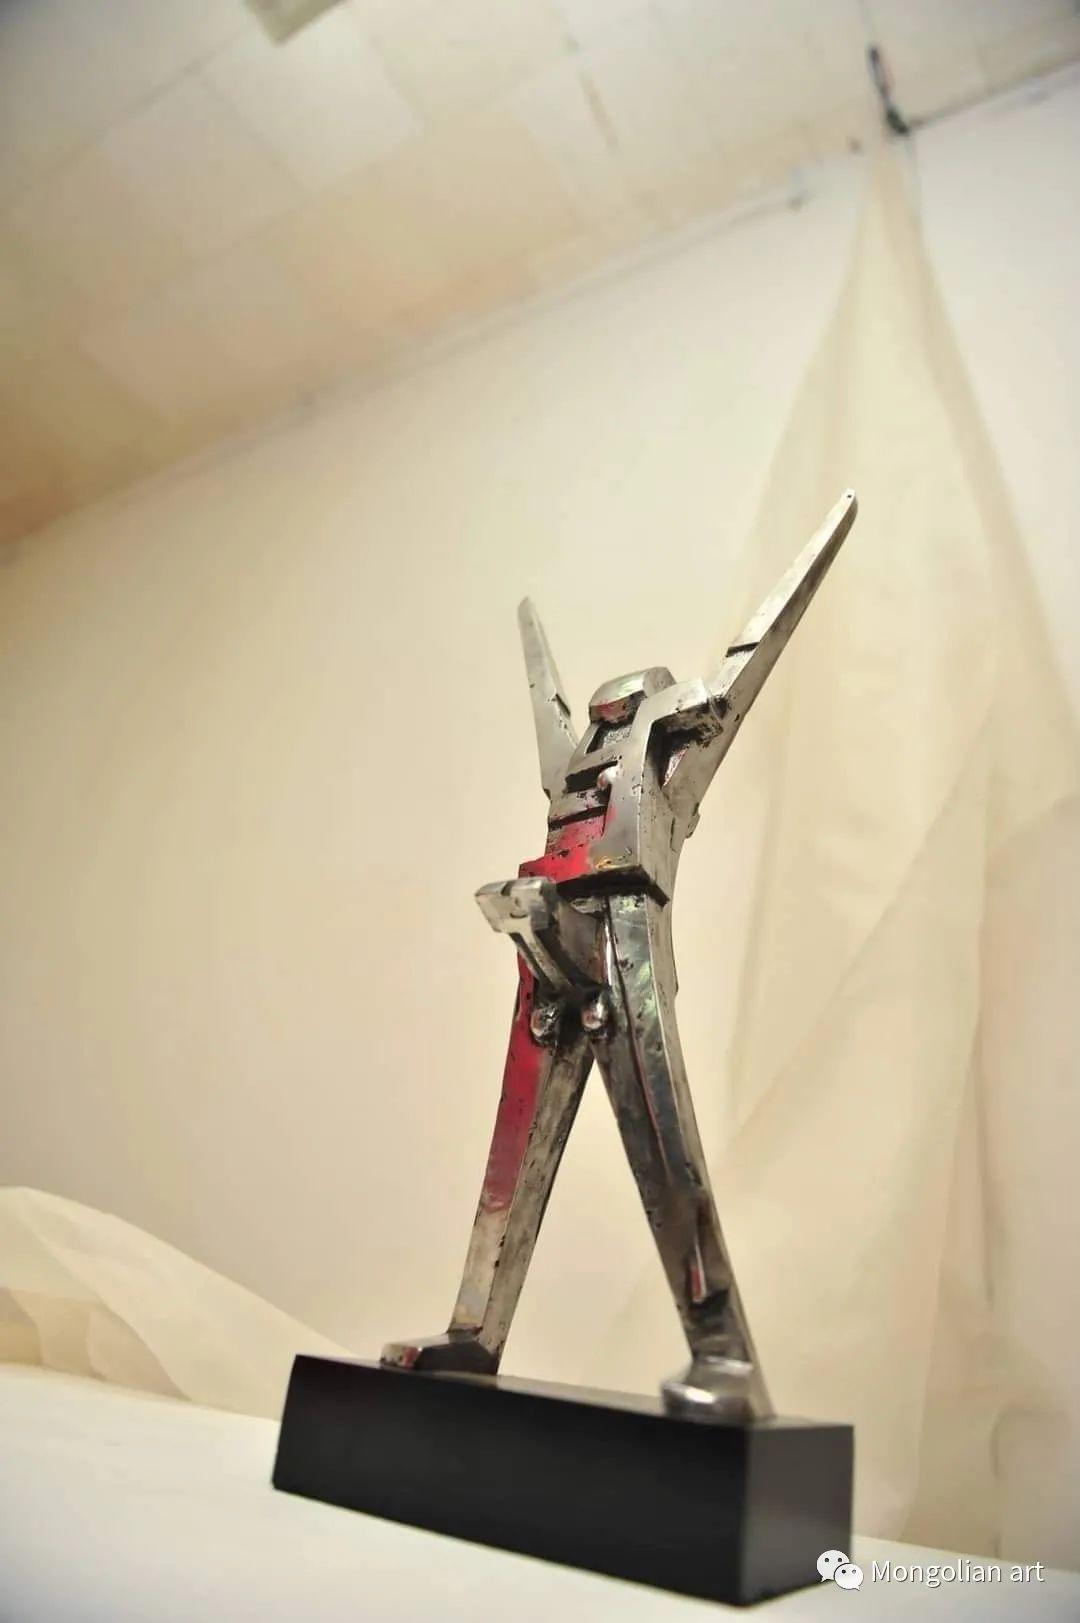 蒙古国美术家协会会员雕塑家 Davaadorj Ankhbayar 第30张 蒙古国美术家协会会员雕塑家 Davaadorj Ankhbayar 蒙古画廊